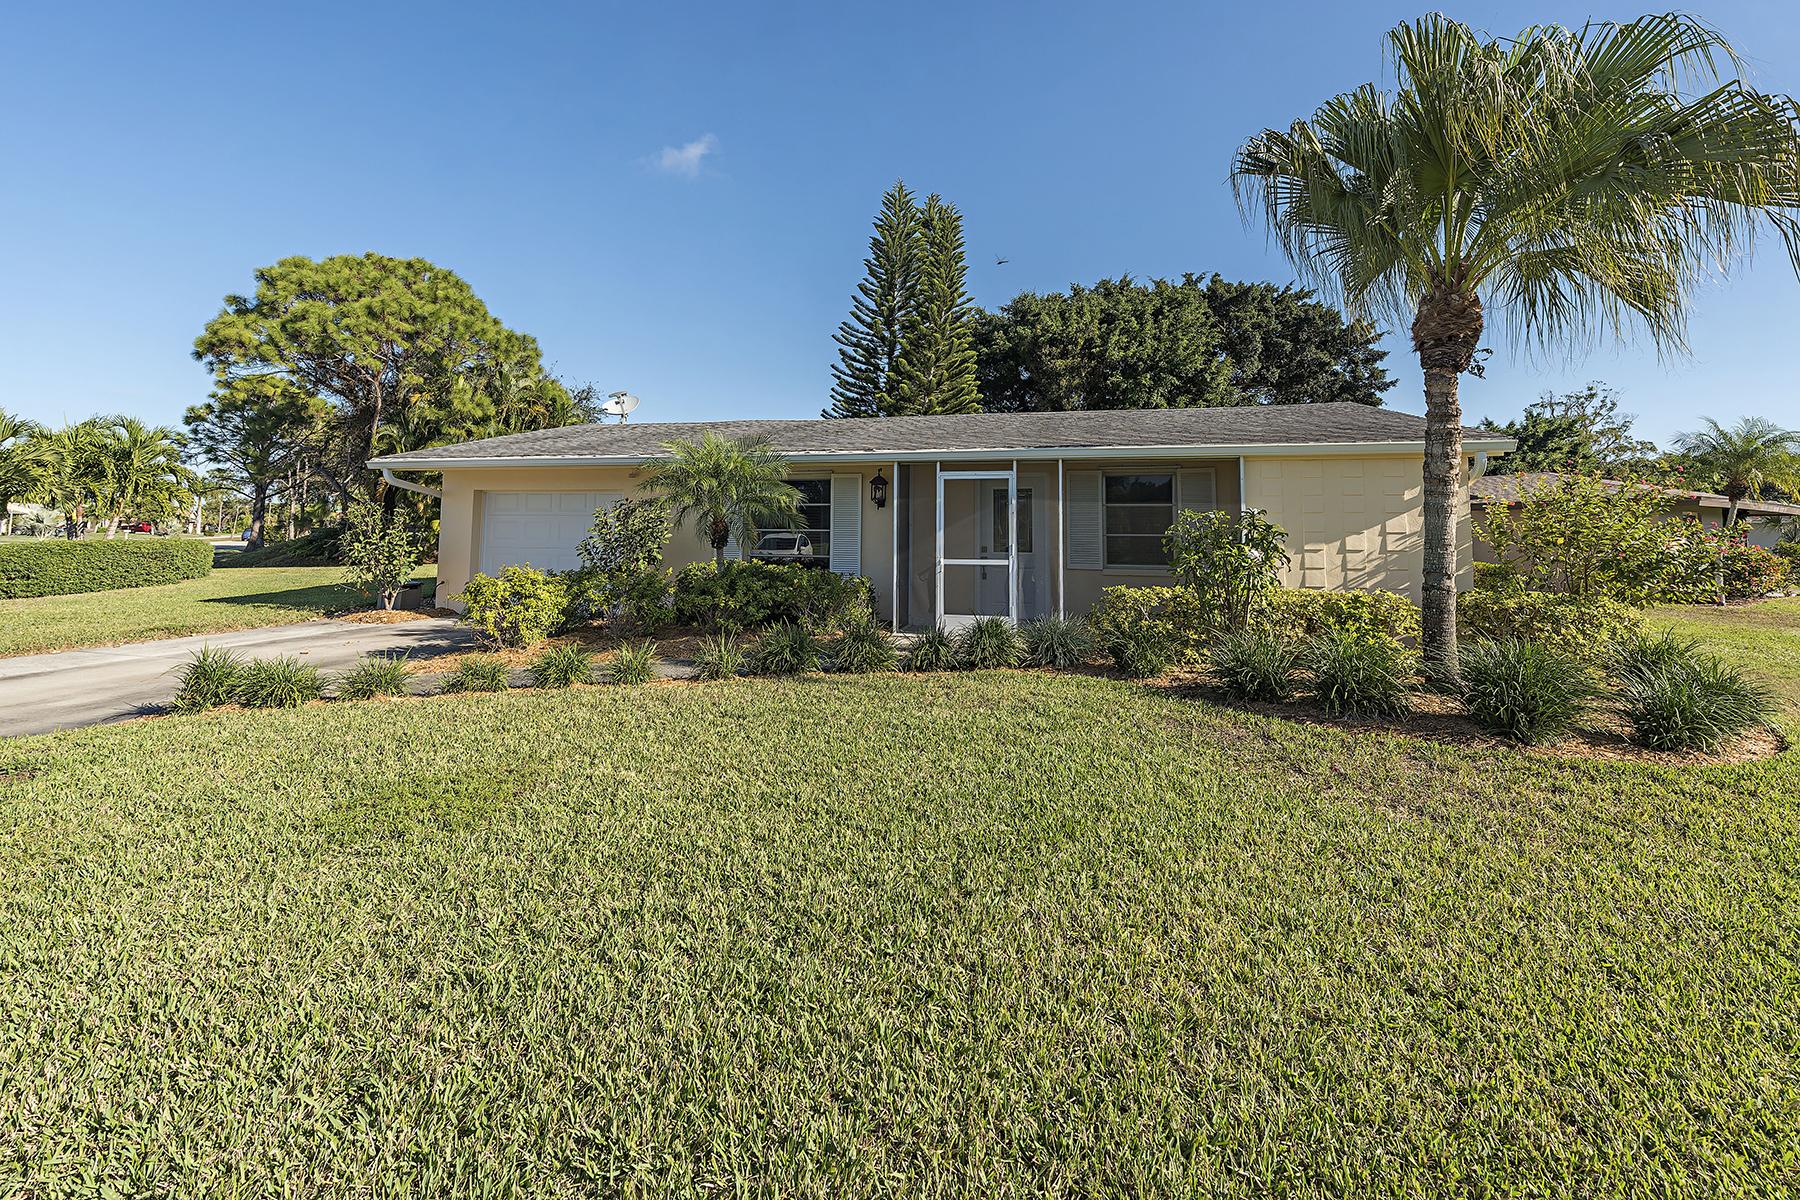 一戸建て のために 売買 アット Naples 27 Maui Cir Naples, フロリダ, 34112 アメリカ合衆国